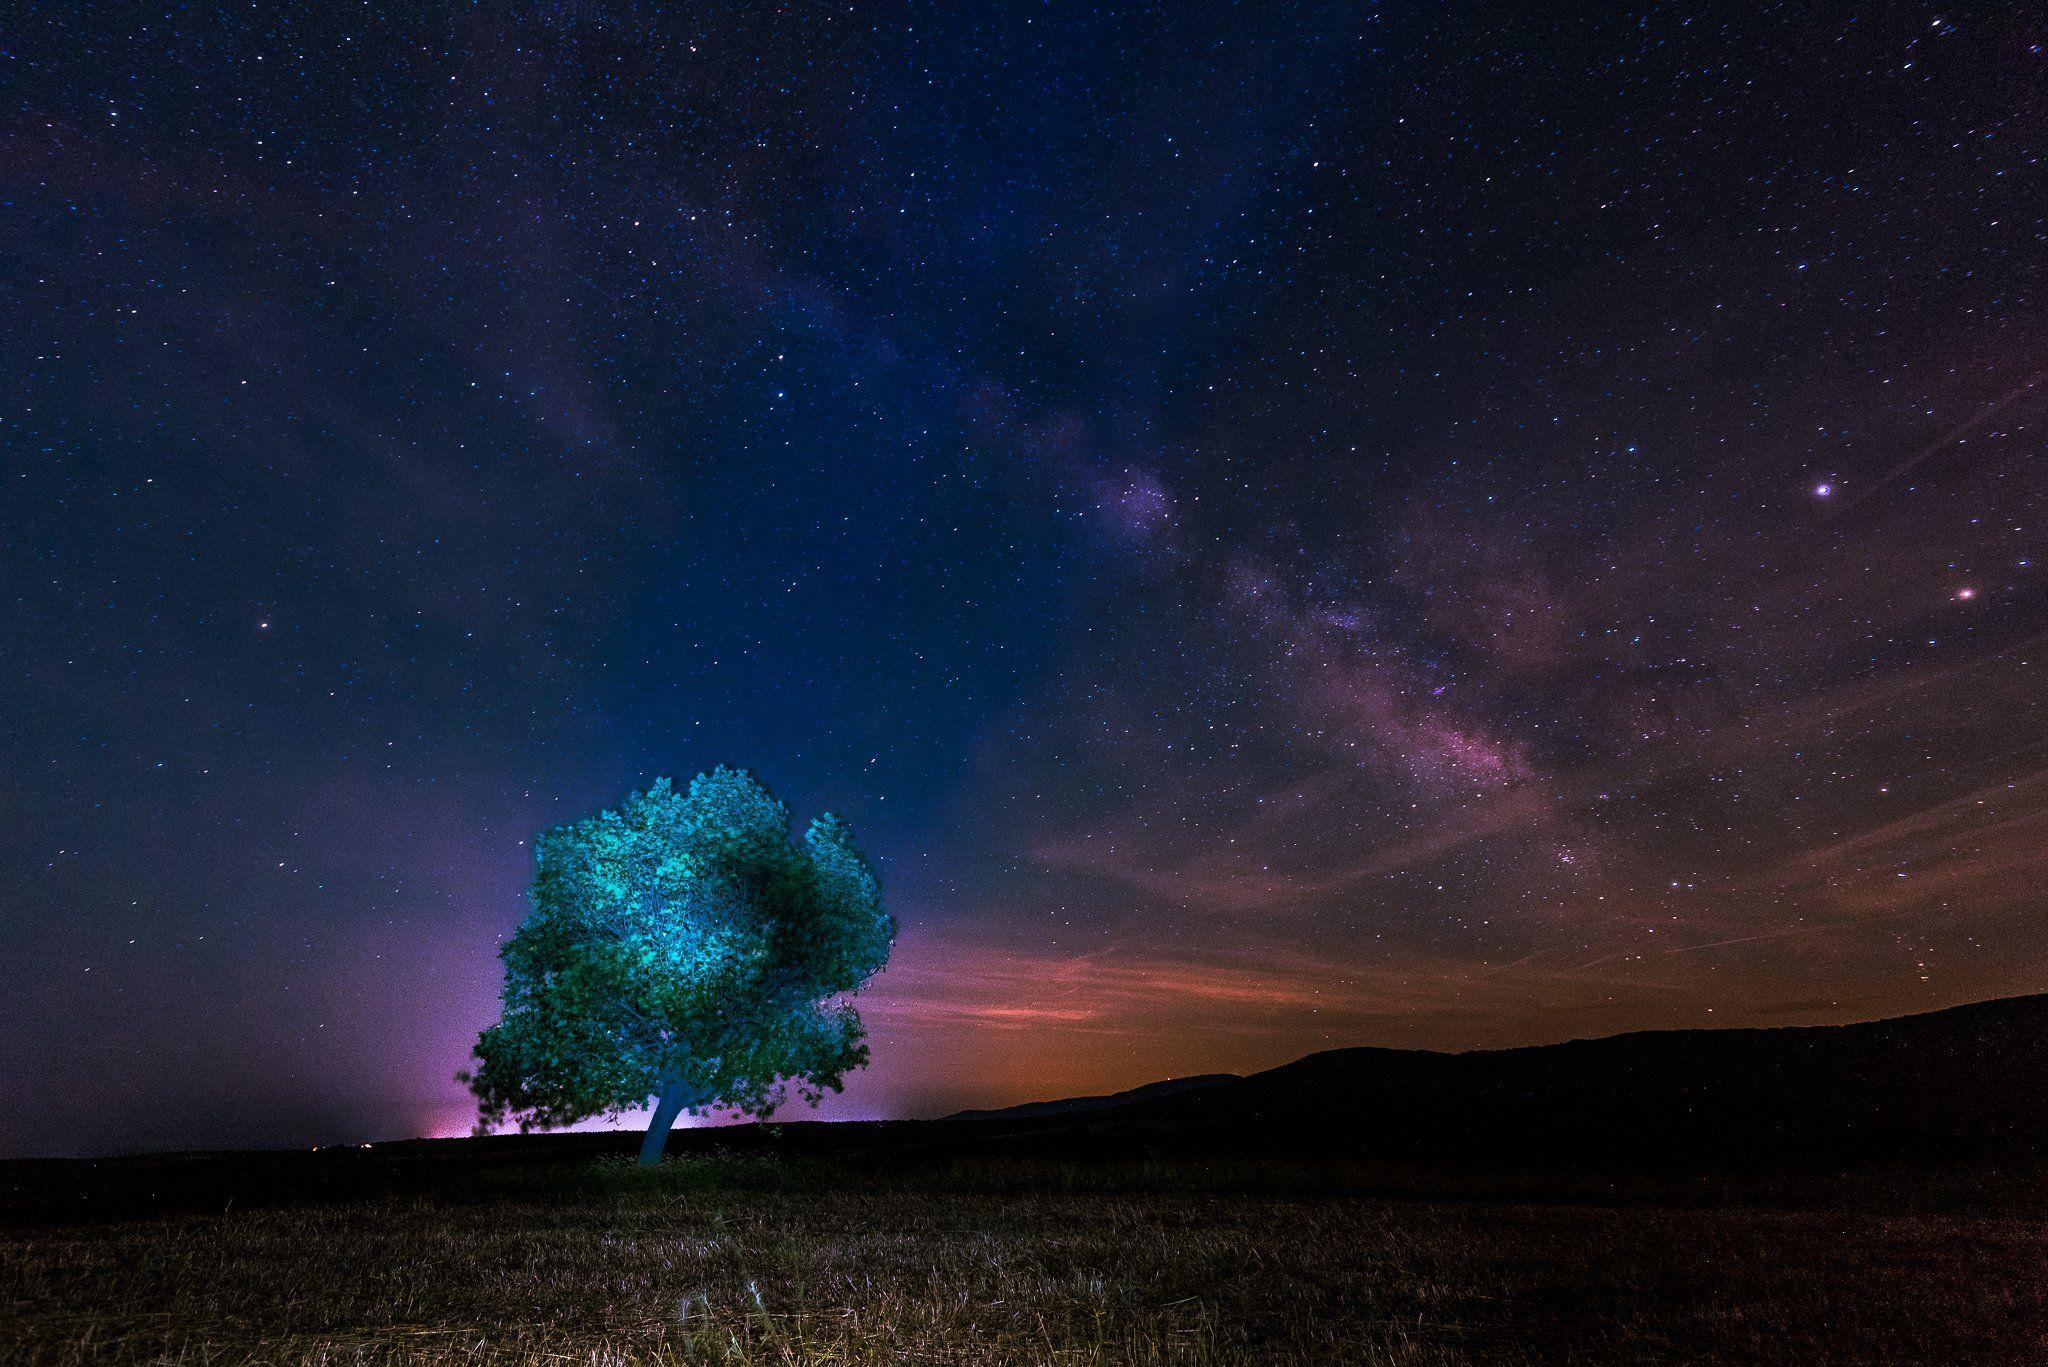 milky way, nightscape, tree, sky, stars, field, Jeni Madjarova